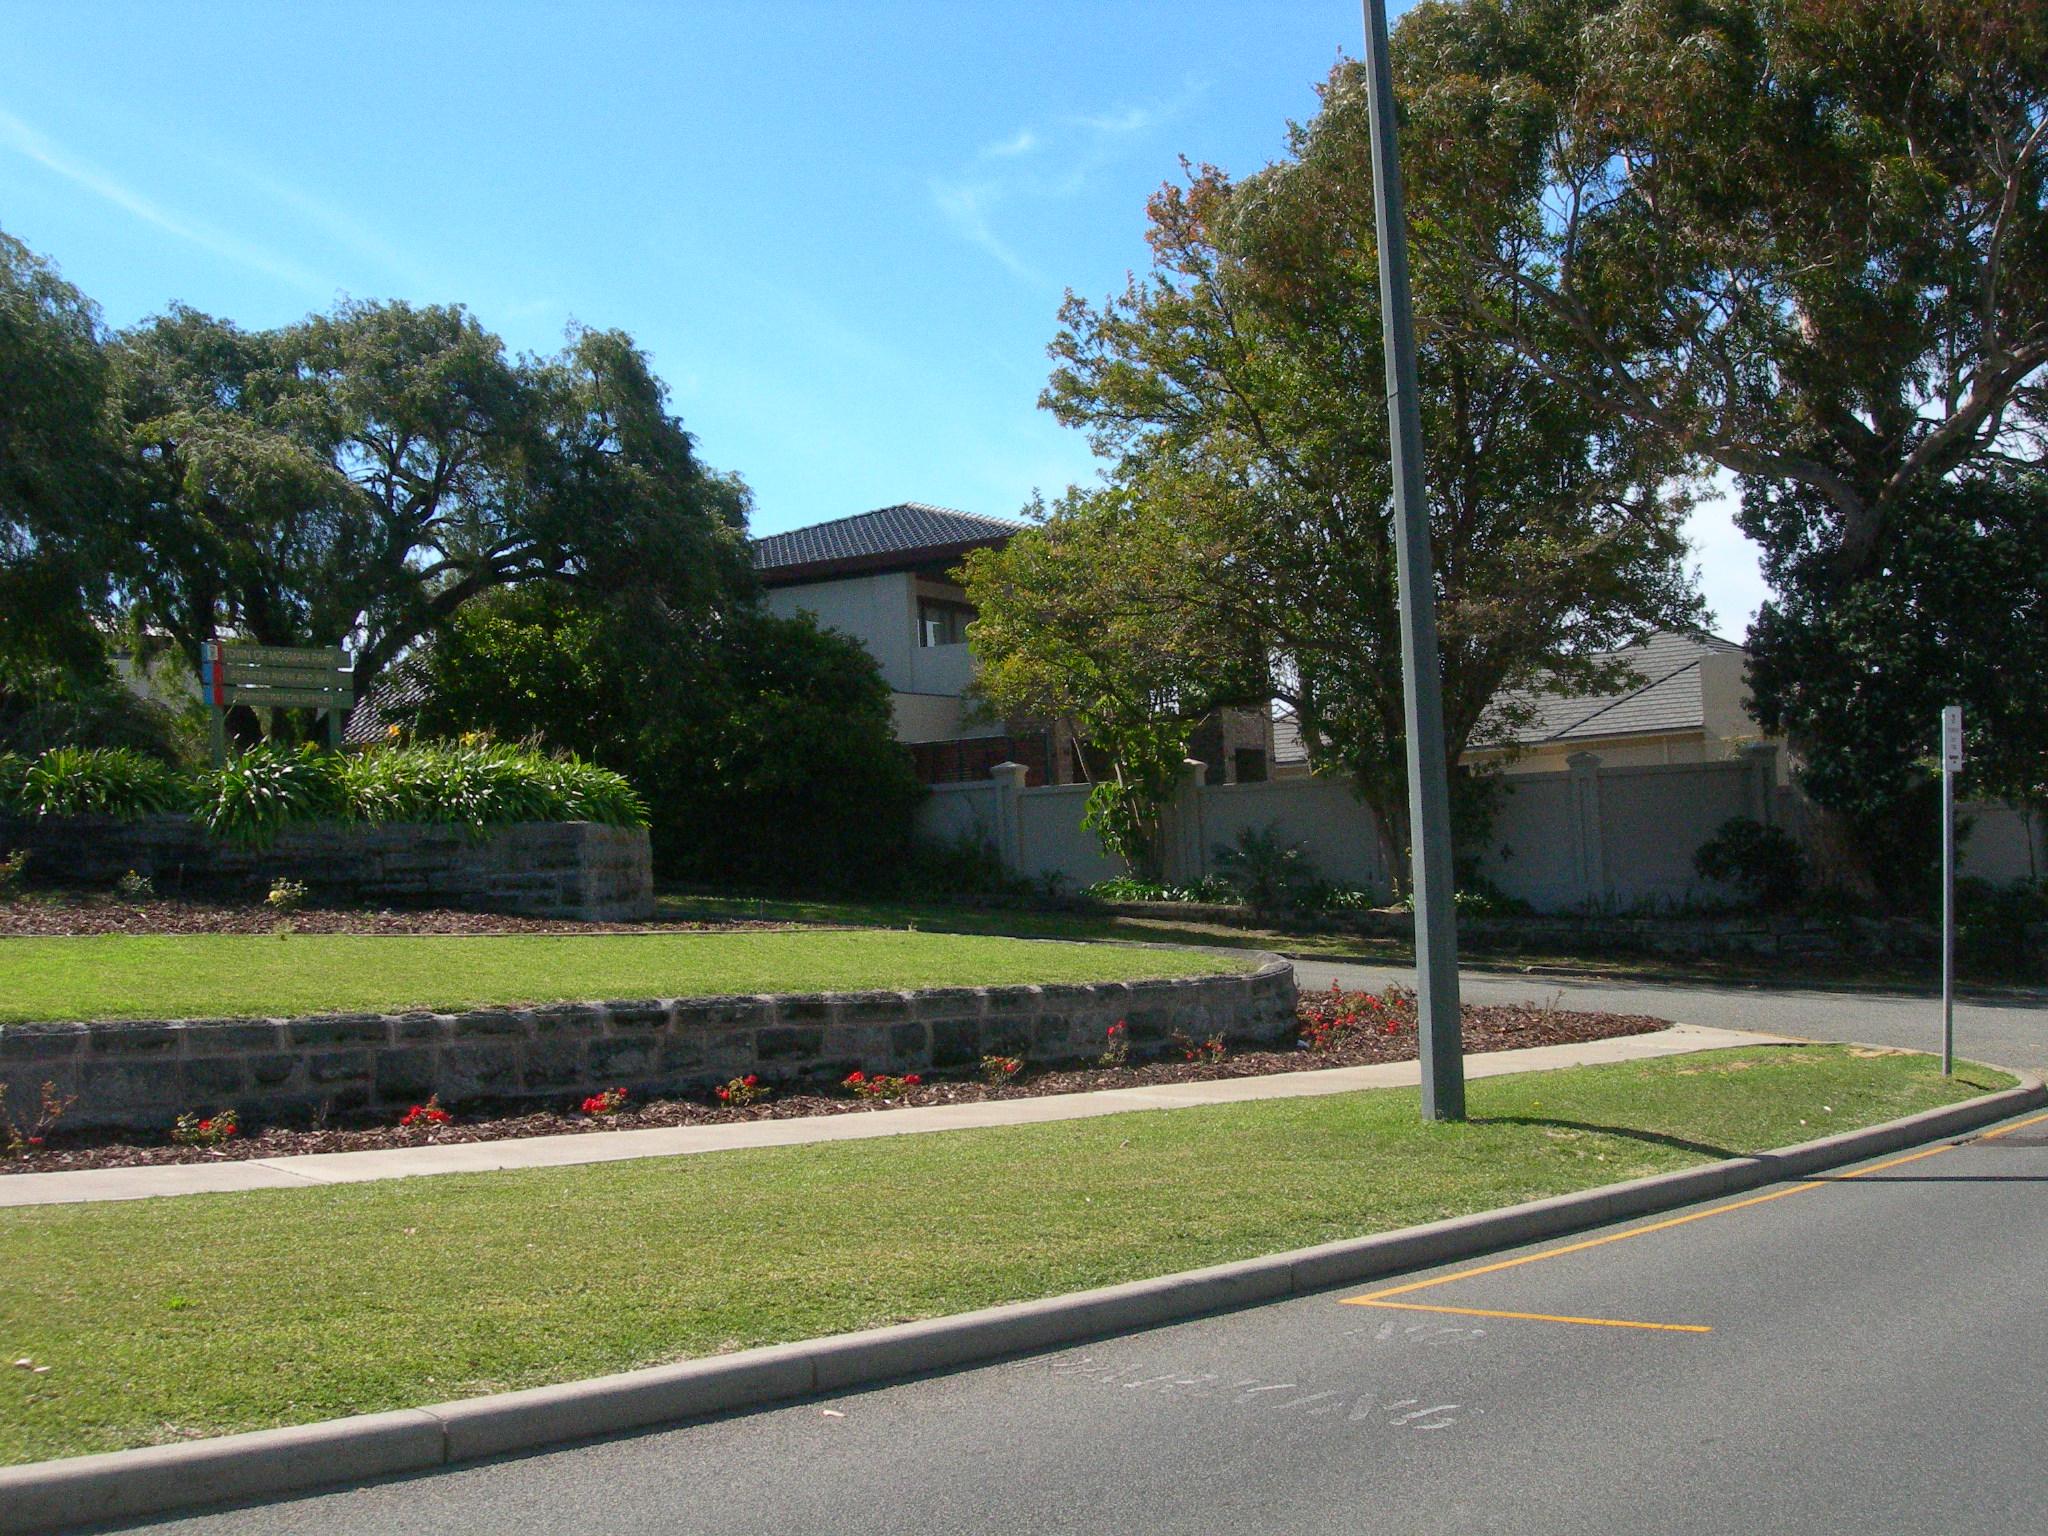 Cuba anda semua lihat kerabu bersuara for 100 park terrace west